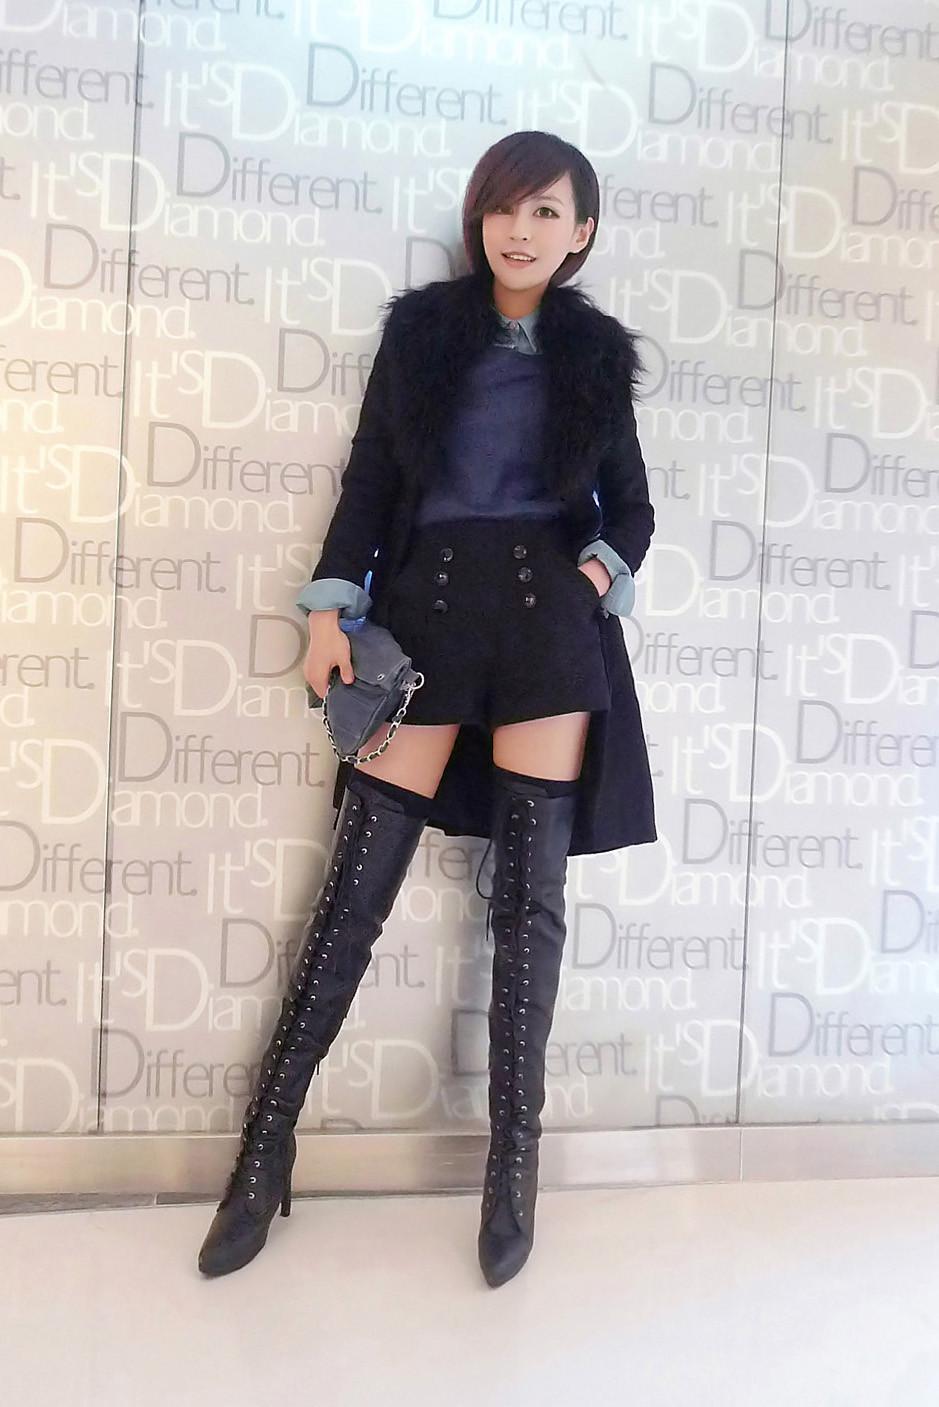 她皮裤和靴子贵不贵啊?